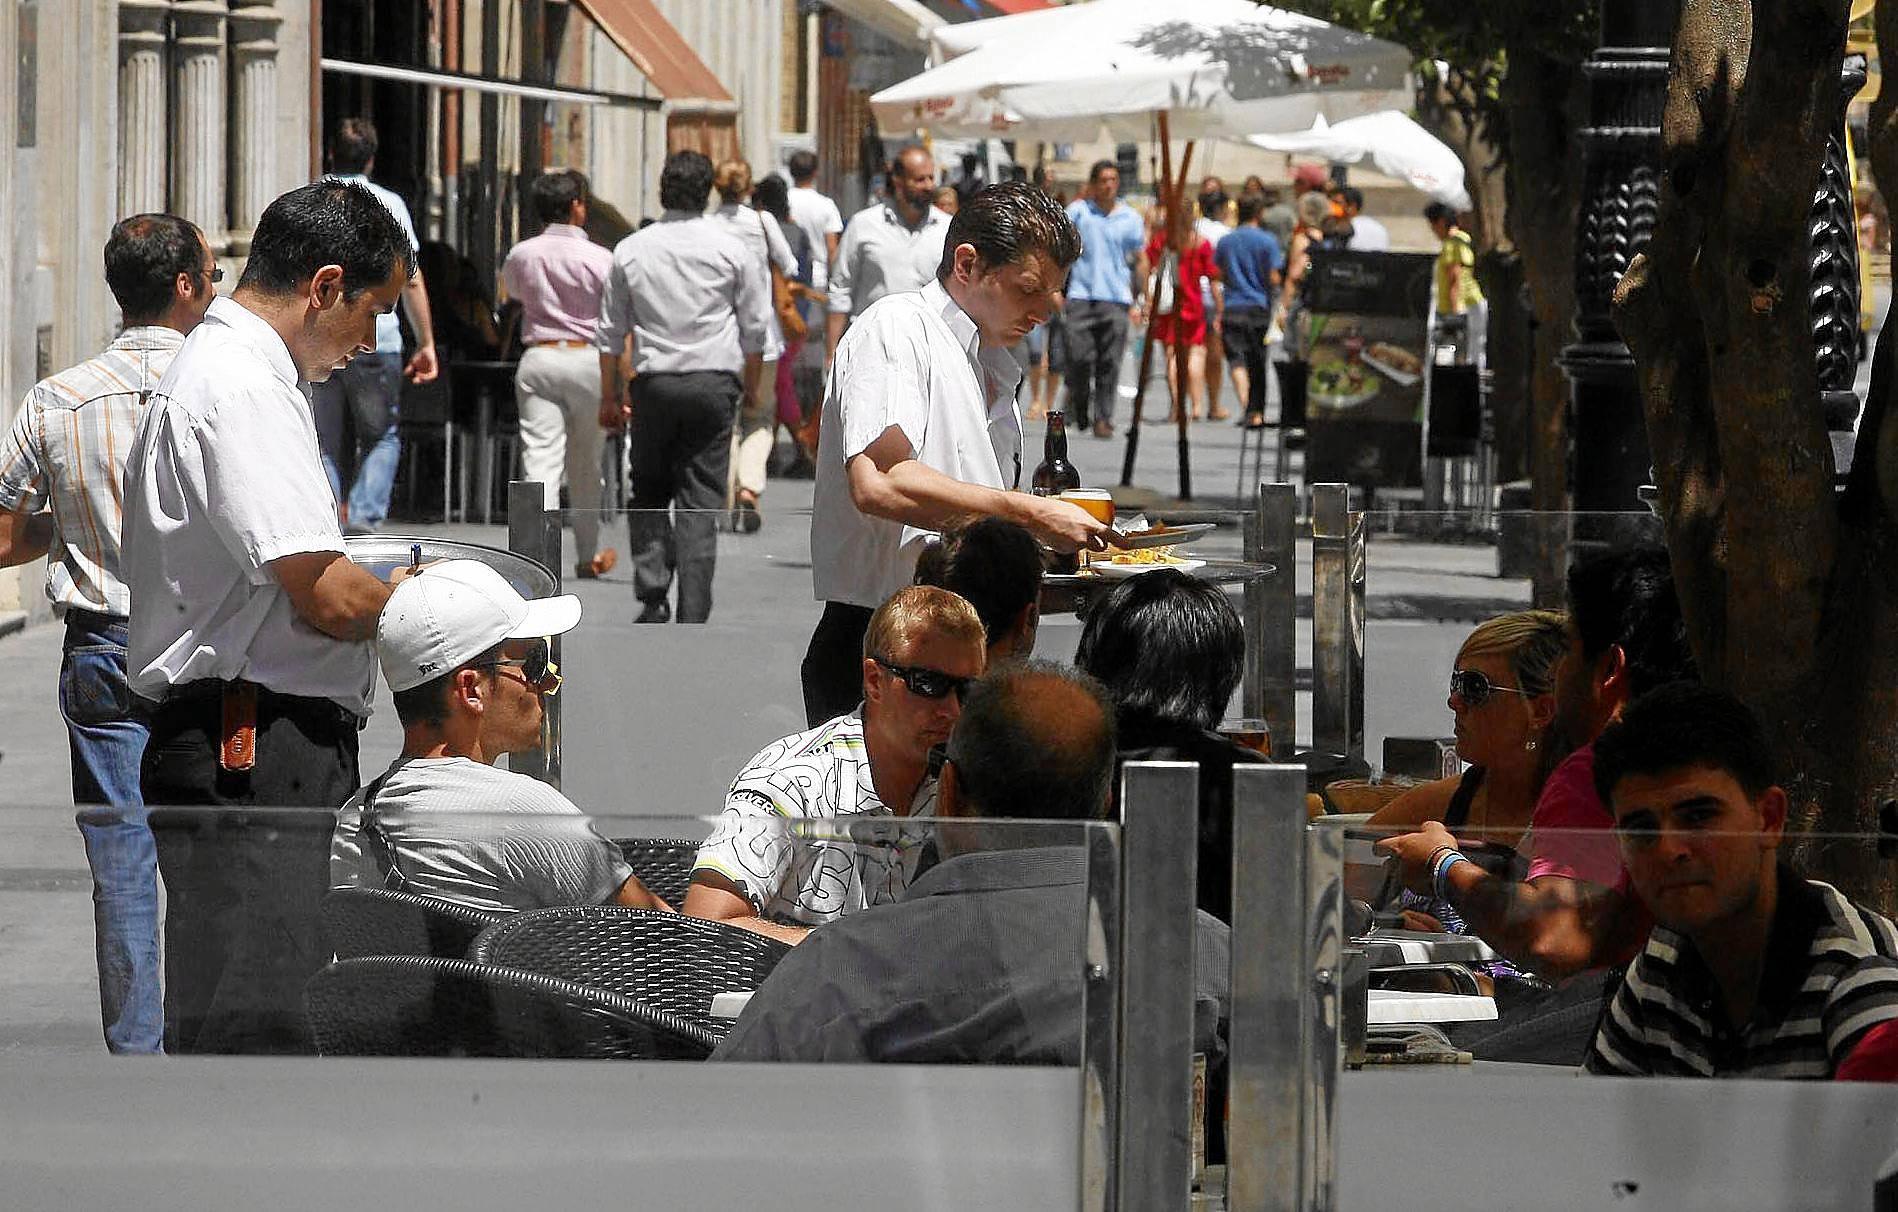 De los 1.328 desempleados menos registrados, 1.033 corresponden al descenso del desempleo en el sector servicios vinculado sobre todo a la actividad turística.